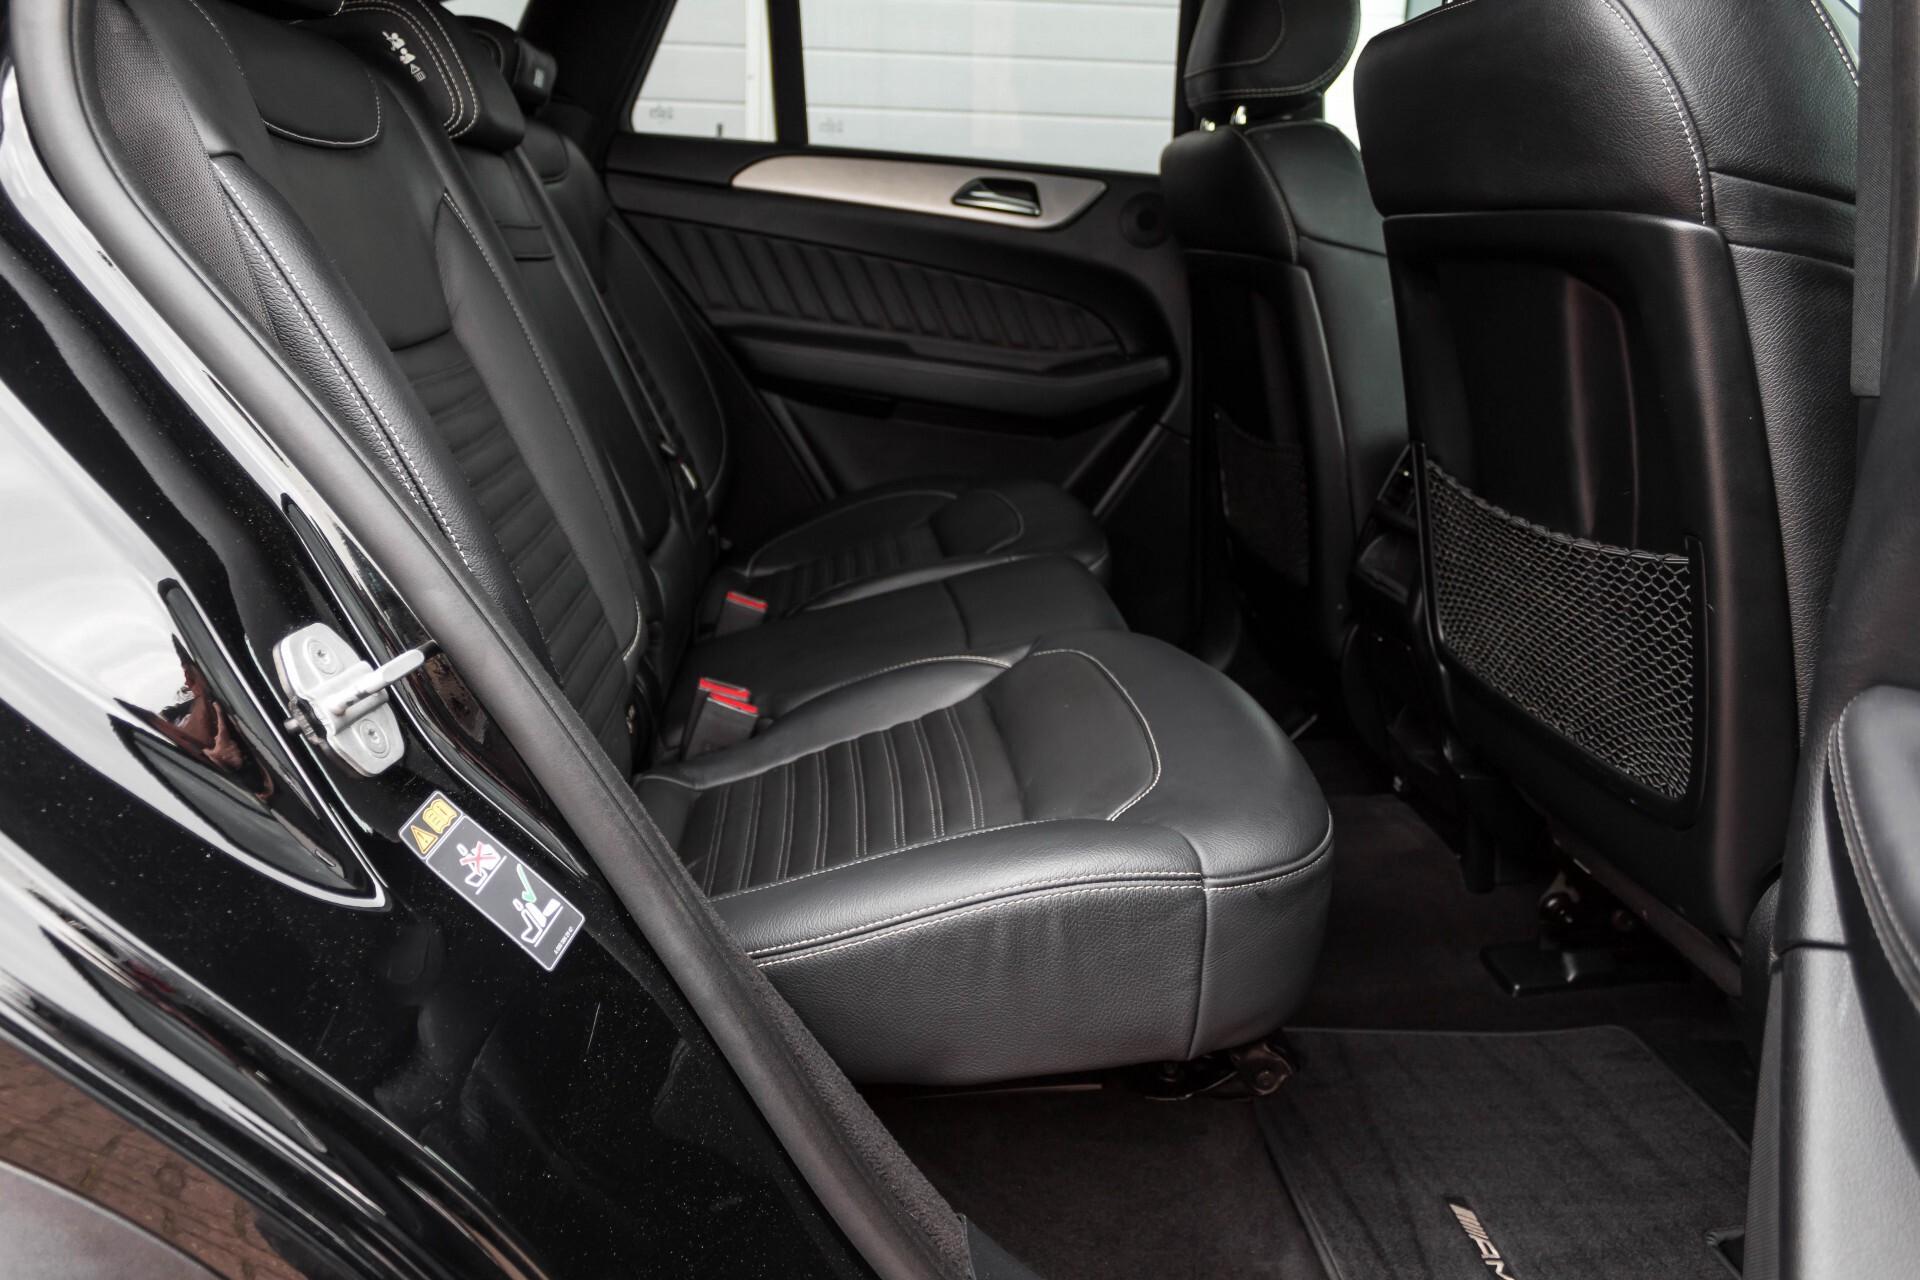 Mercedes-Benz GLE-Klasse Coupé 350 d 4-M AMG Luchtvering/Distronic/Panorama/Mem/Trekhaak Aut9 Foto 4